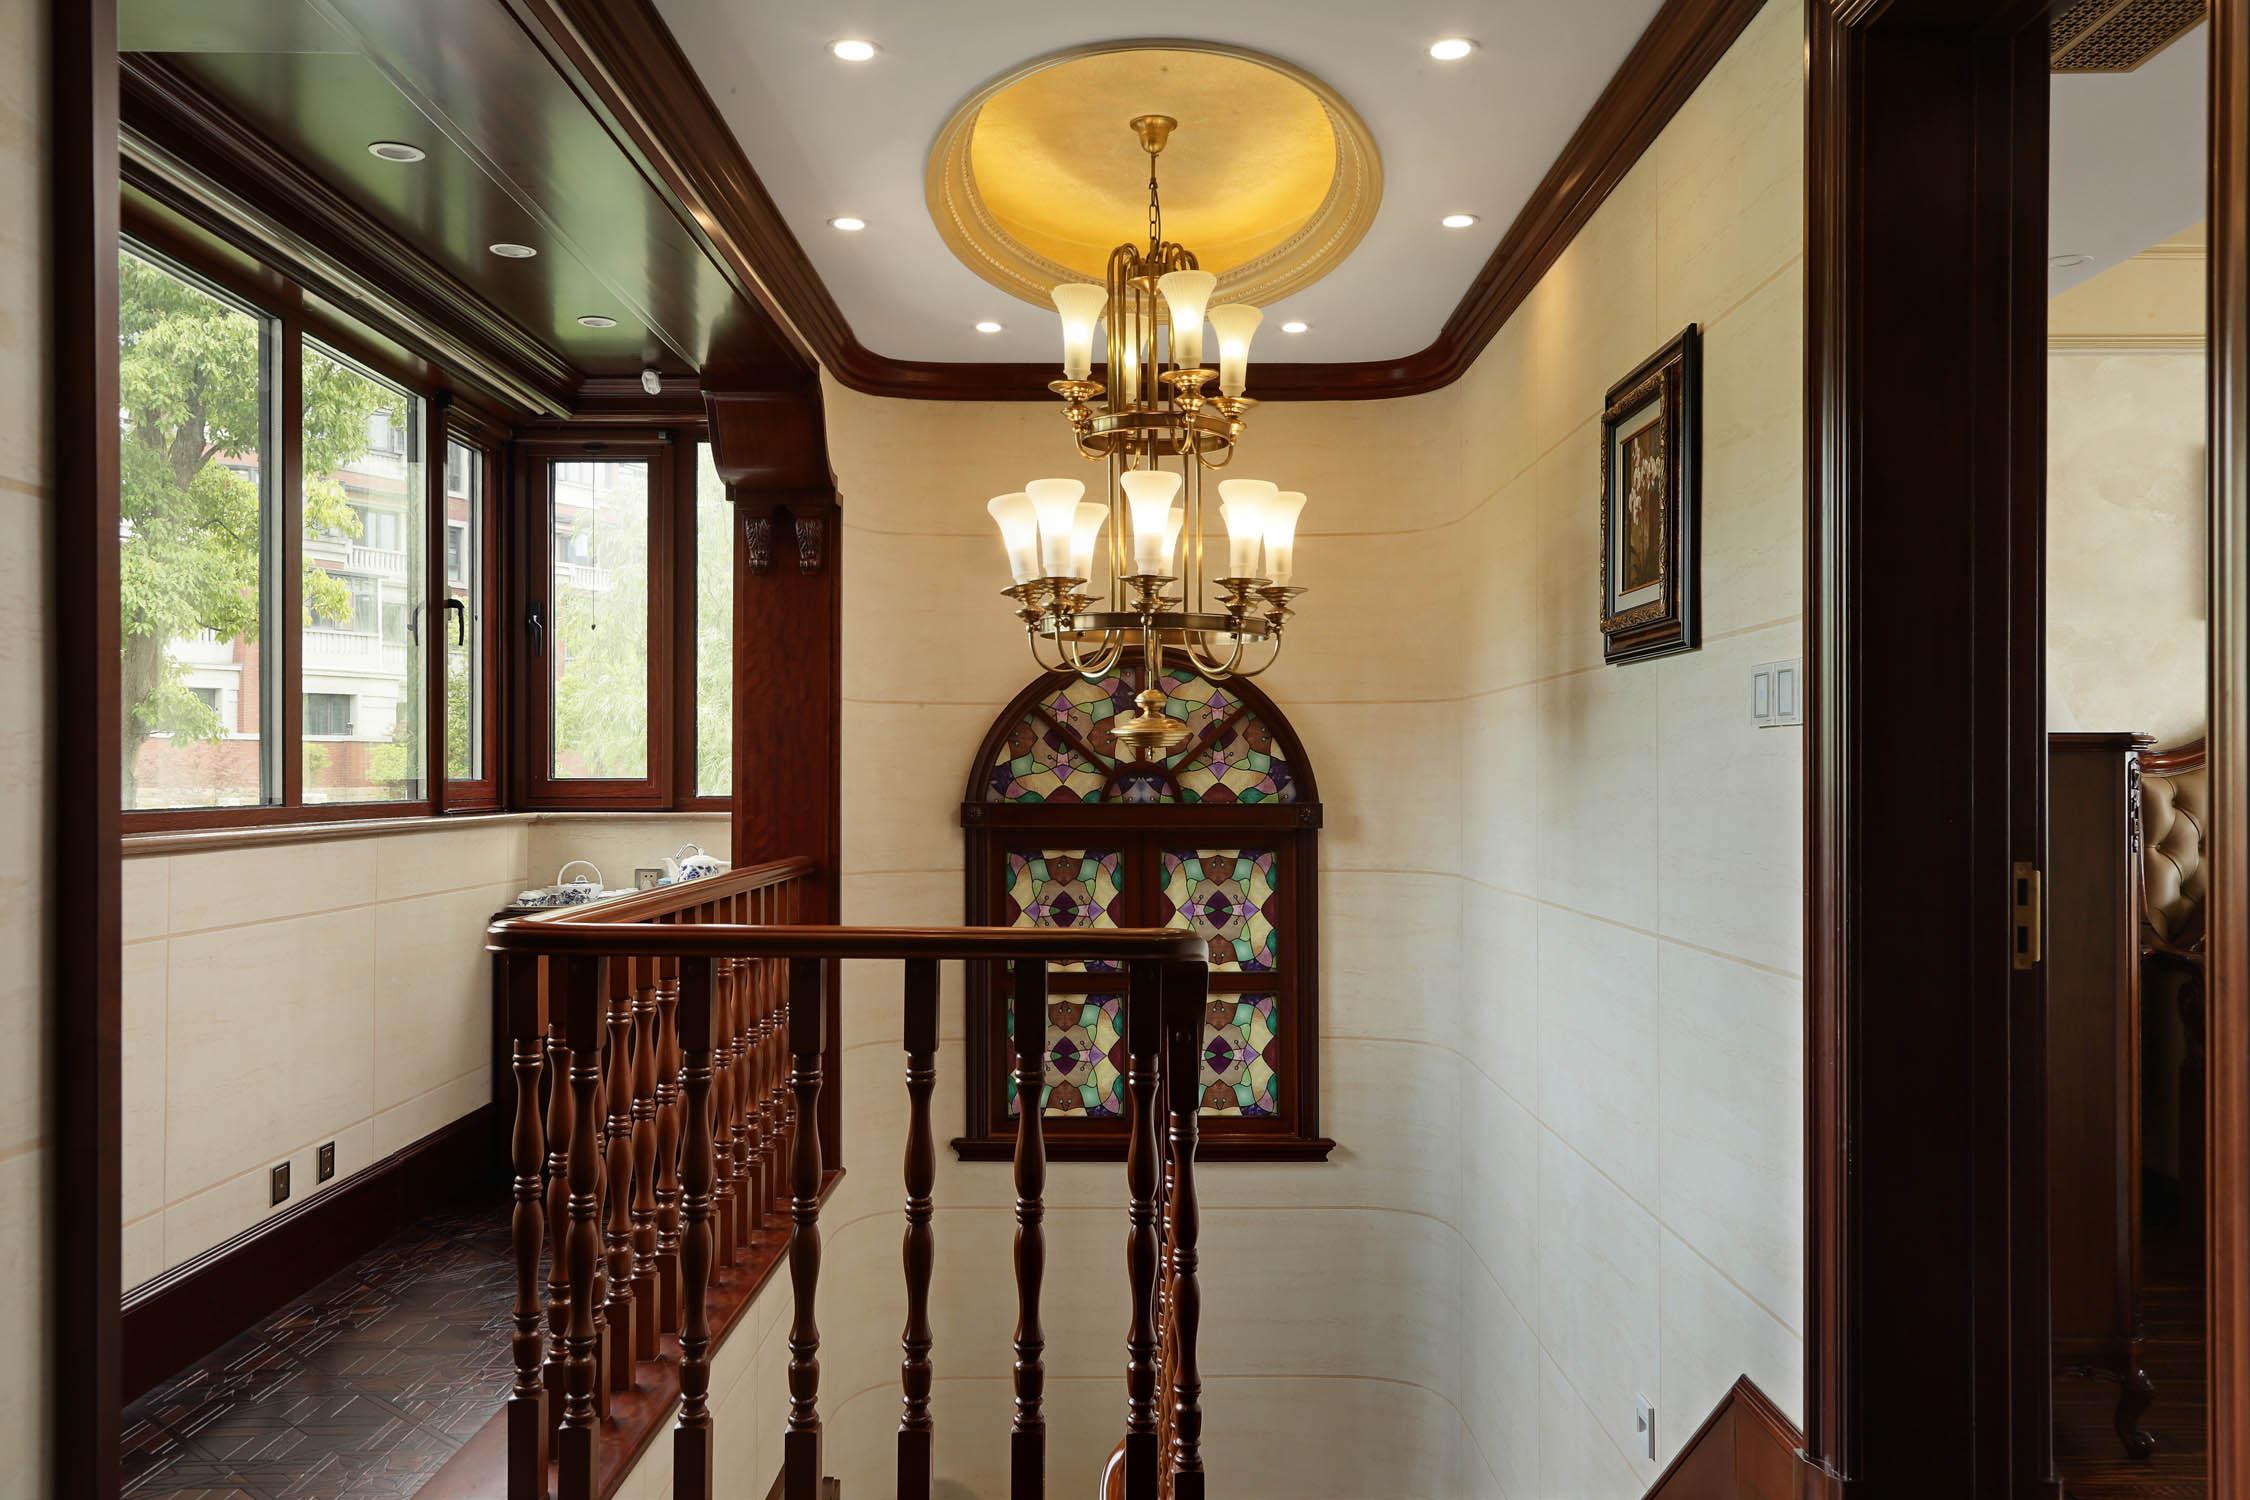 120平美式风格装修客厅吊灯图片_齐家网装修效果图